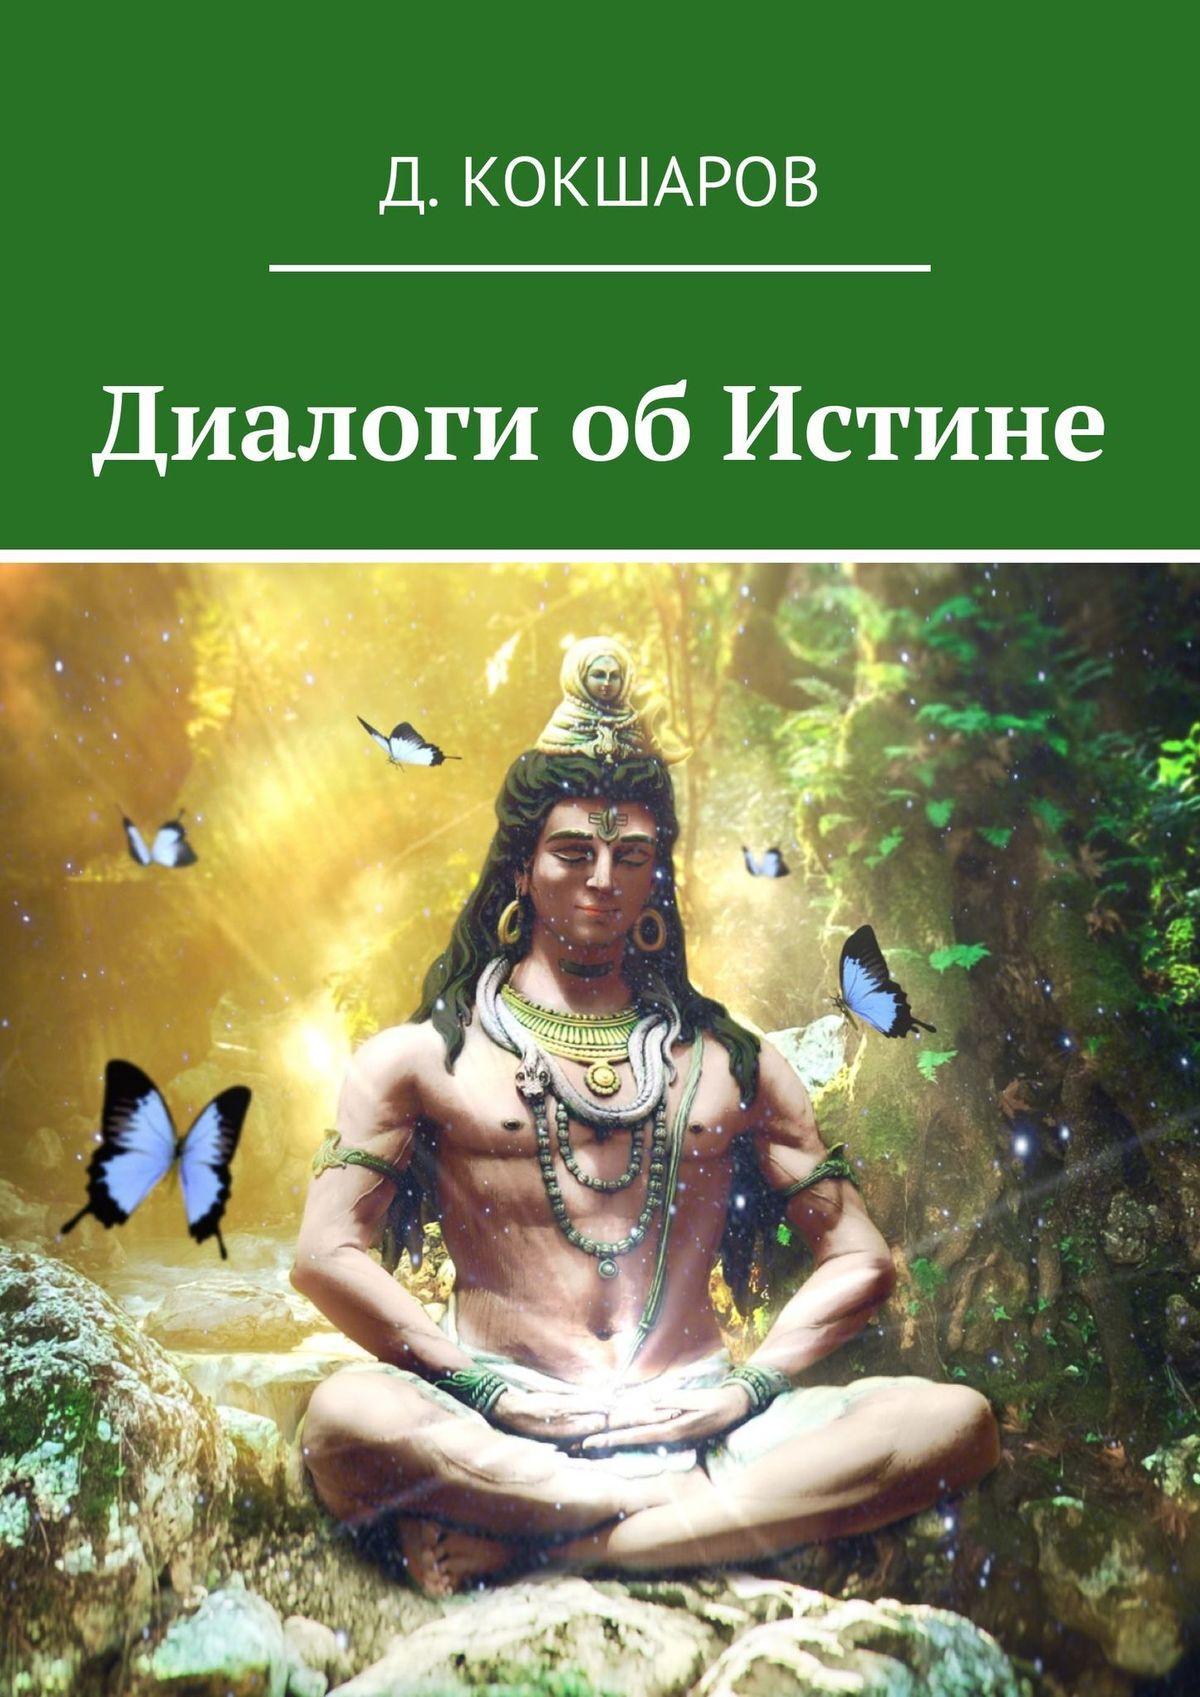 Космовидья Диалоги обИстине балмер р кипр путеводитель 2 е издание переработанное и дополненное